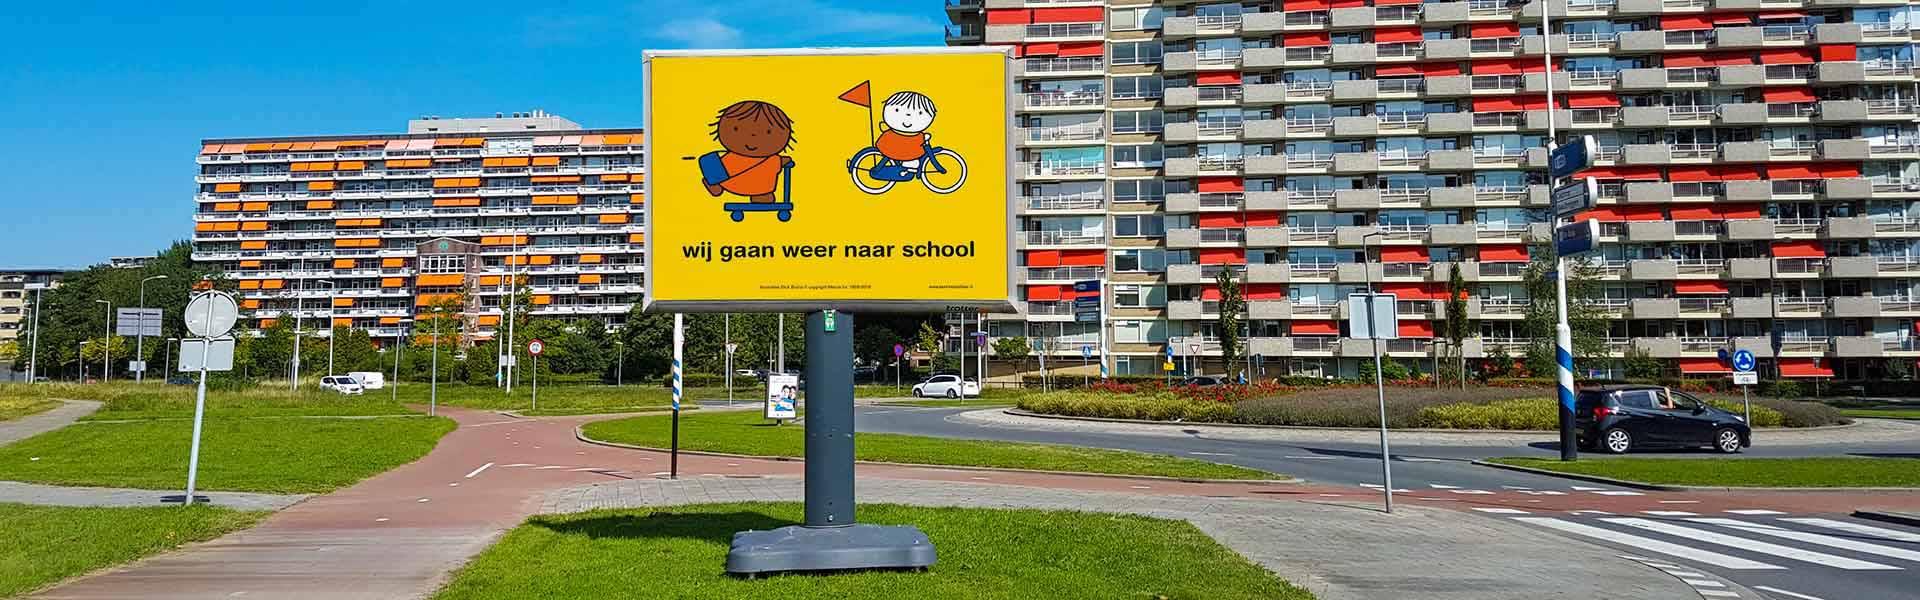 slide_overheid_gemeente_wijgaanweernaarschool